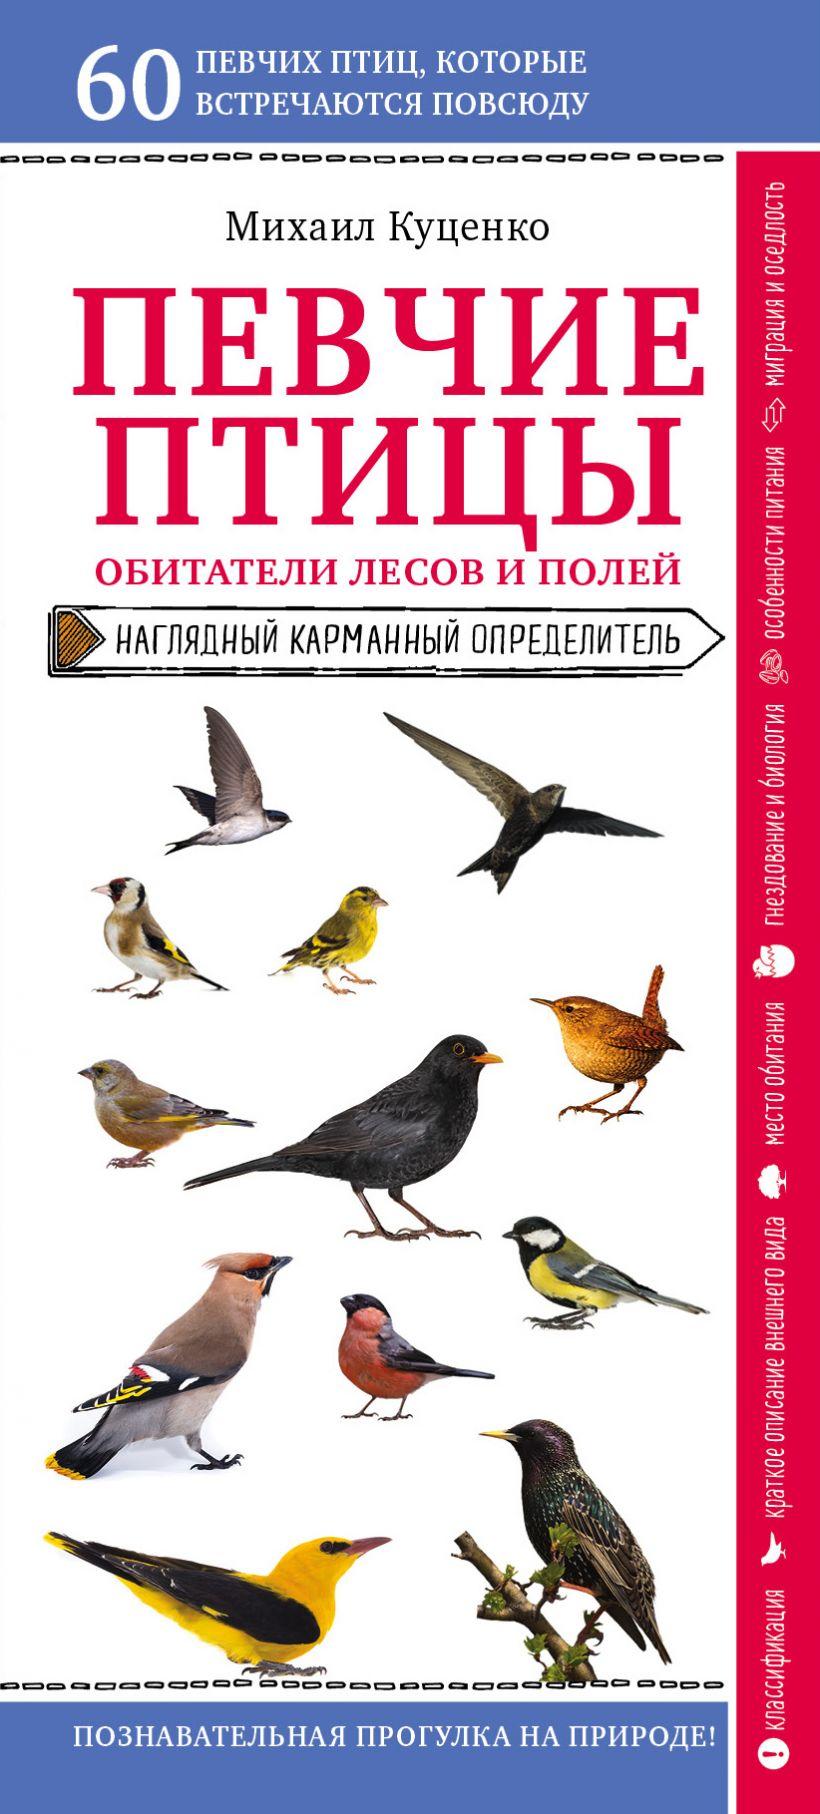 Певчие птицы. Обитатели лесов и полей